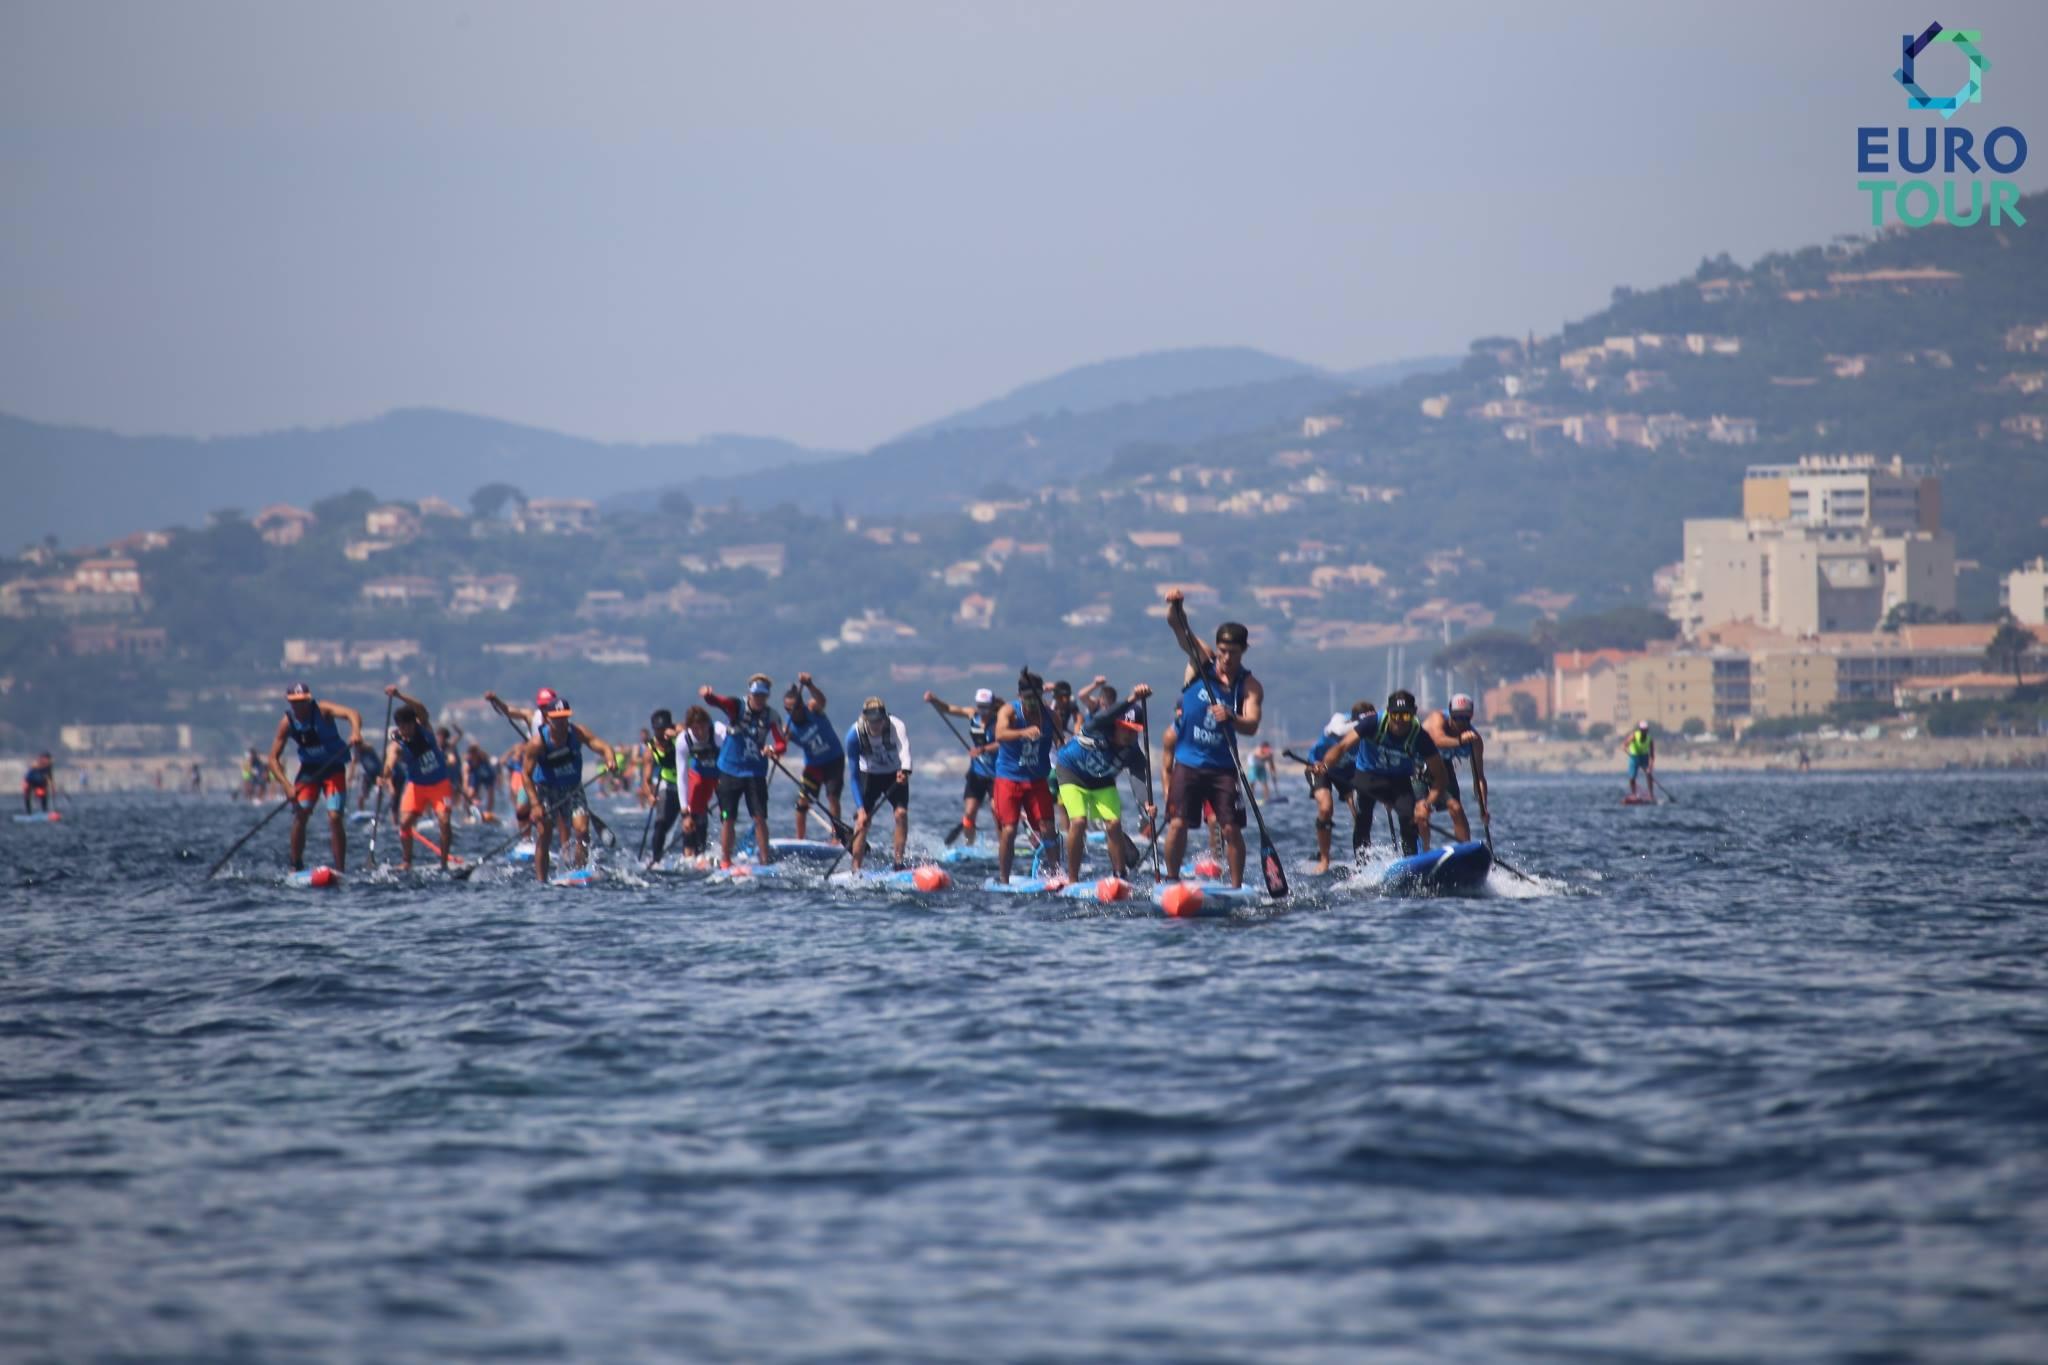 sup-news-italia-action-euro-tour-3